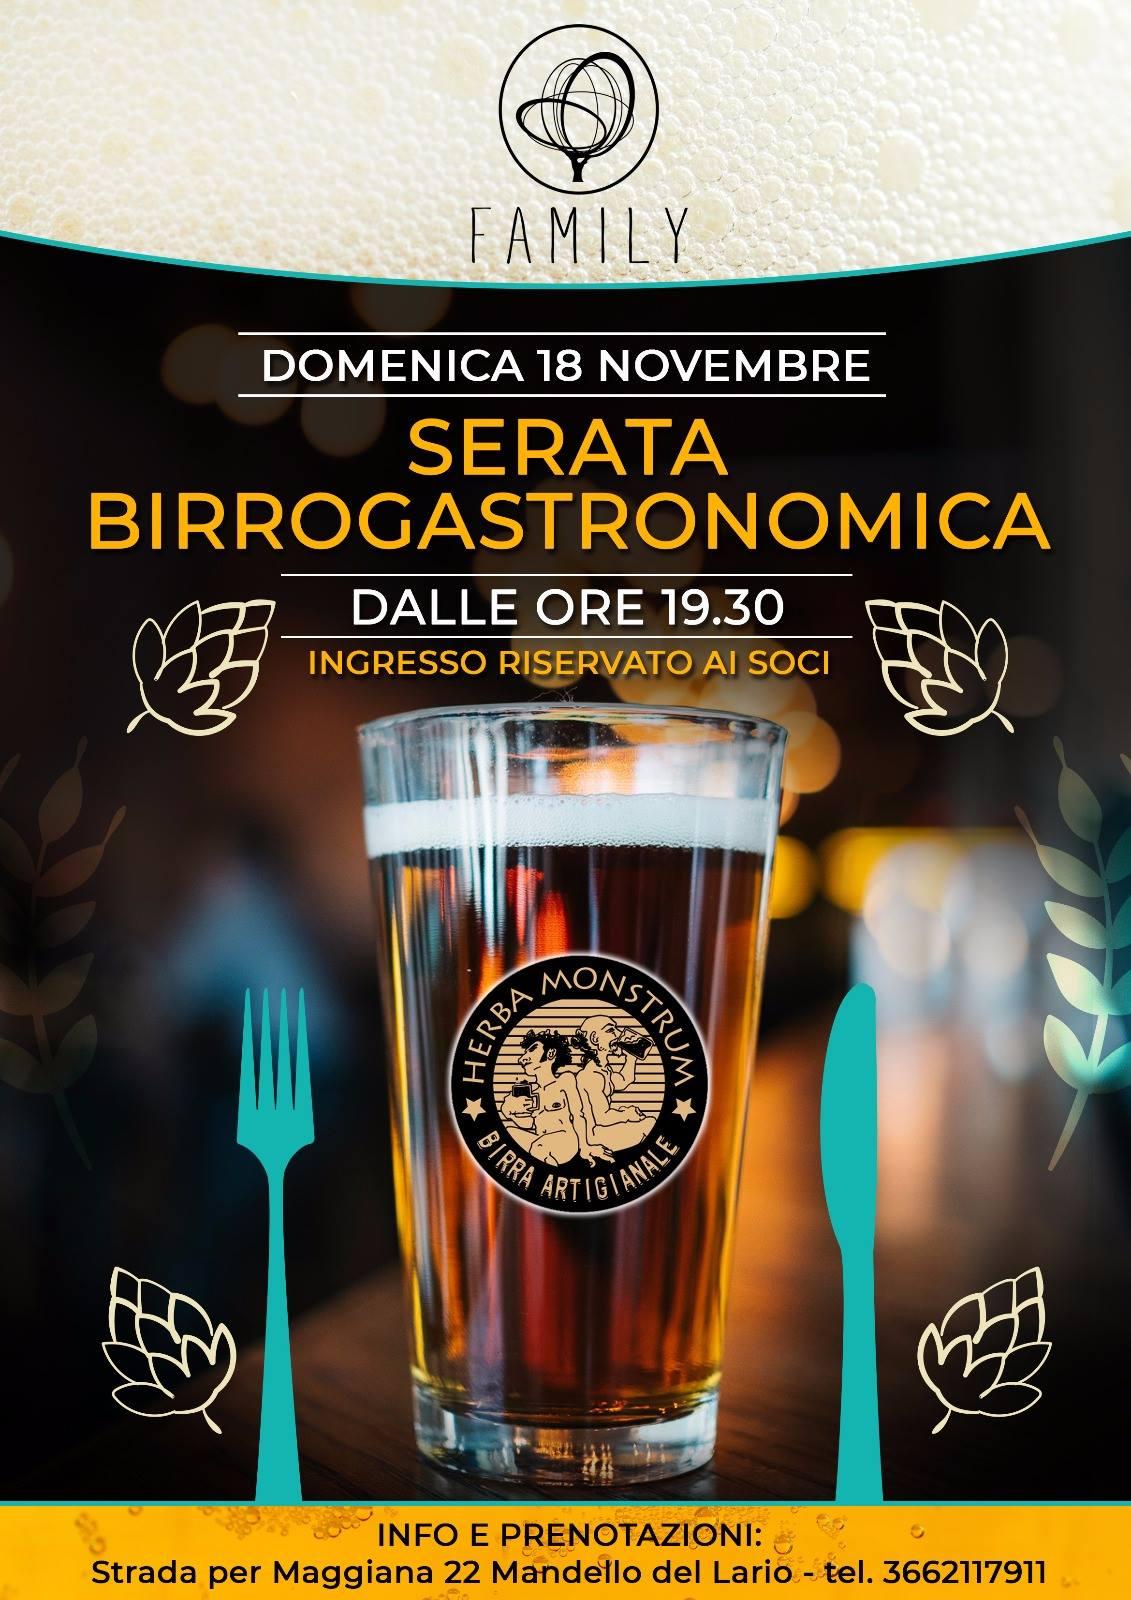 Serata birrogastronomica a Mandello del Lario, con l'Associazione Family. Herba Monstrum Brewery via Ettore Monti, 29, 23851 in zona Ponte Azzone Visconti Lecco.